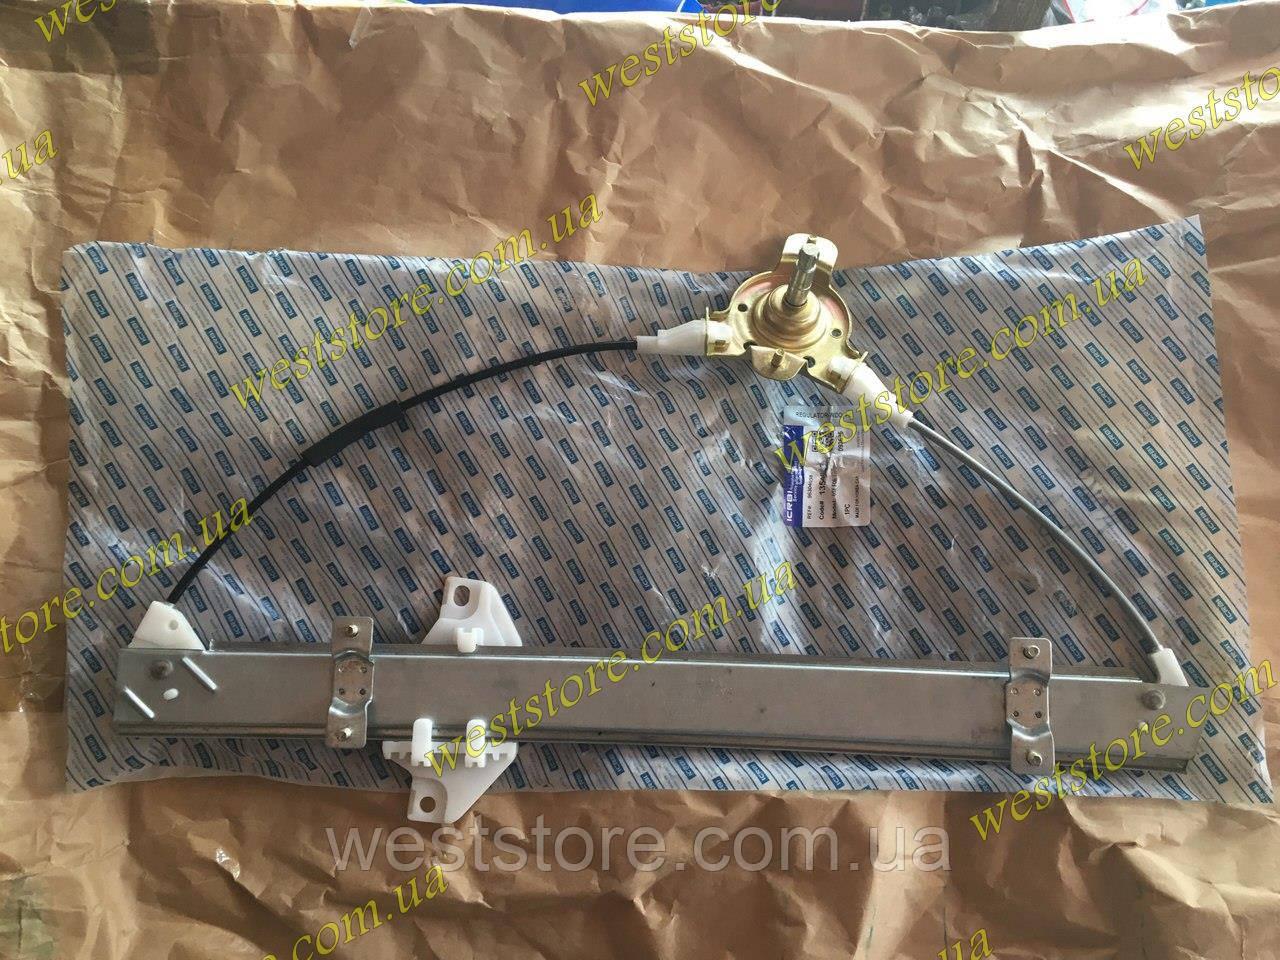 Стеклоподъемник механический передний левый Ланос,Сенс,Lanos Sens CRB 96304038